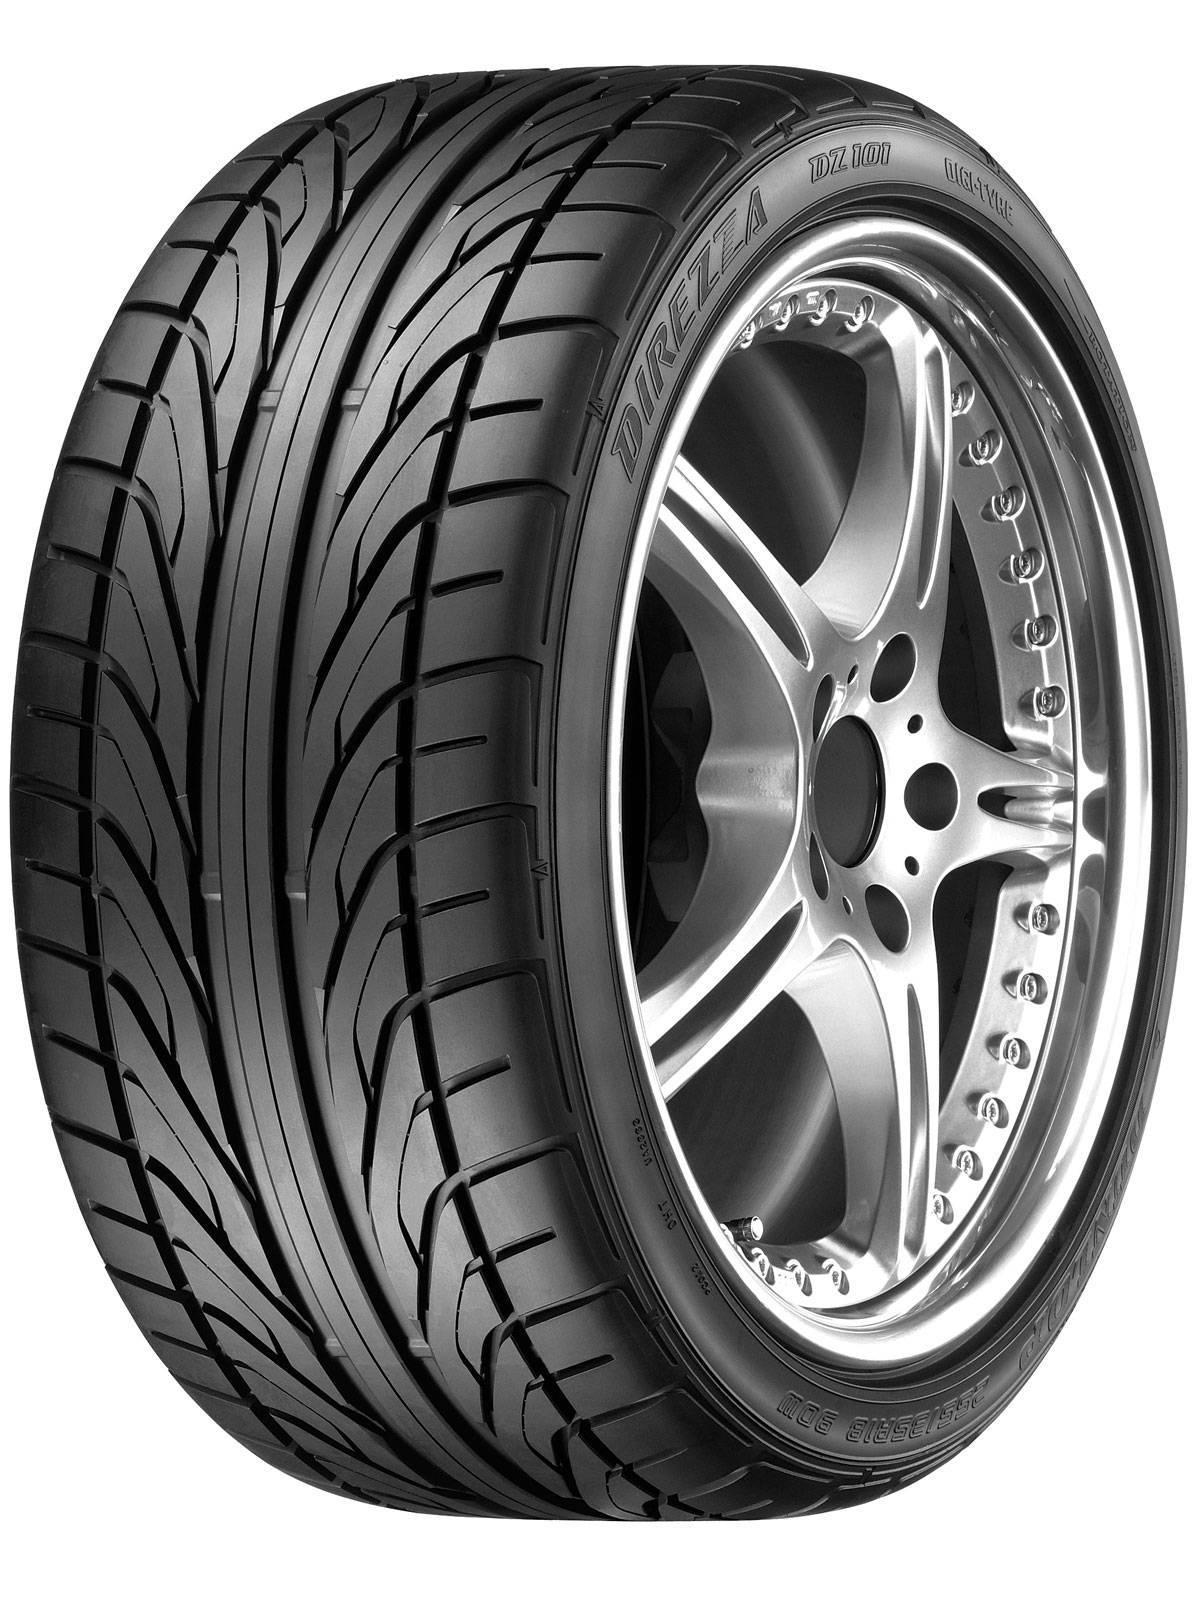 Pneu Dunlop Dz101 Runflat 215/35 R19 85w